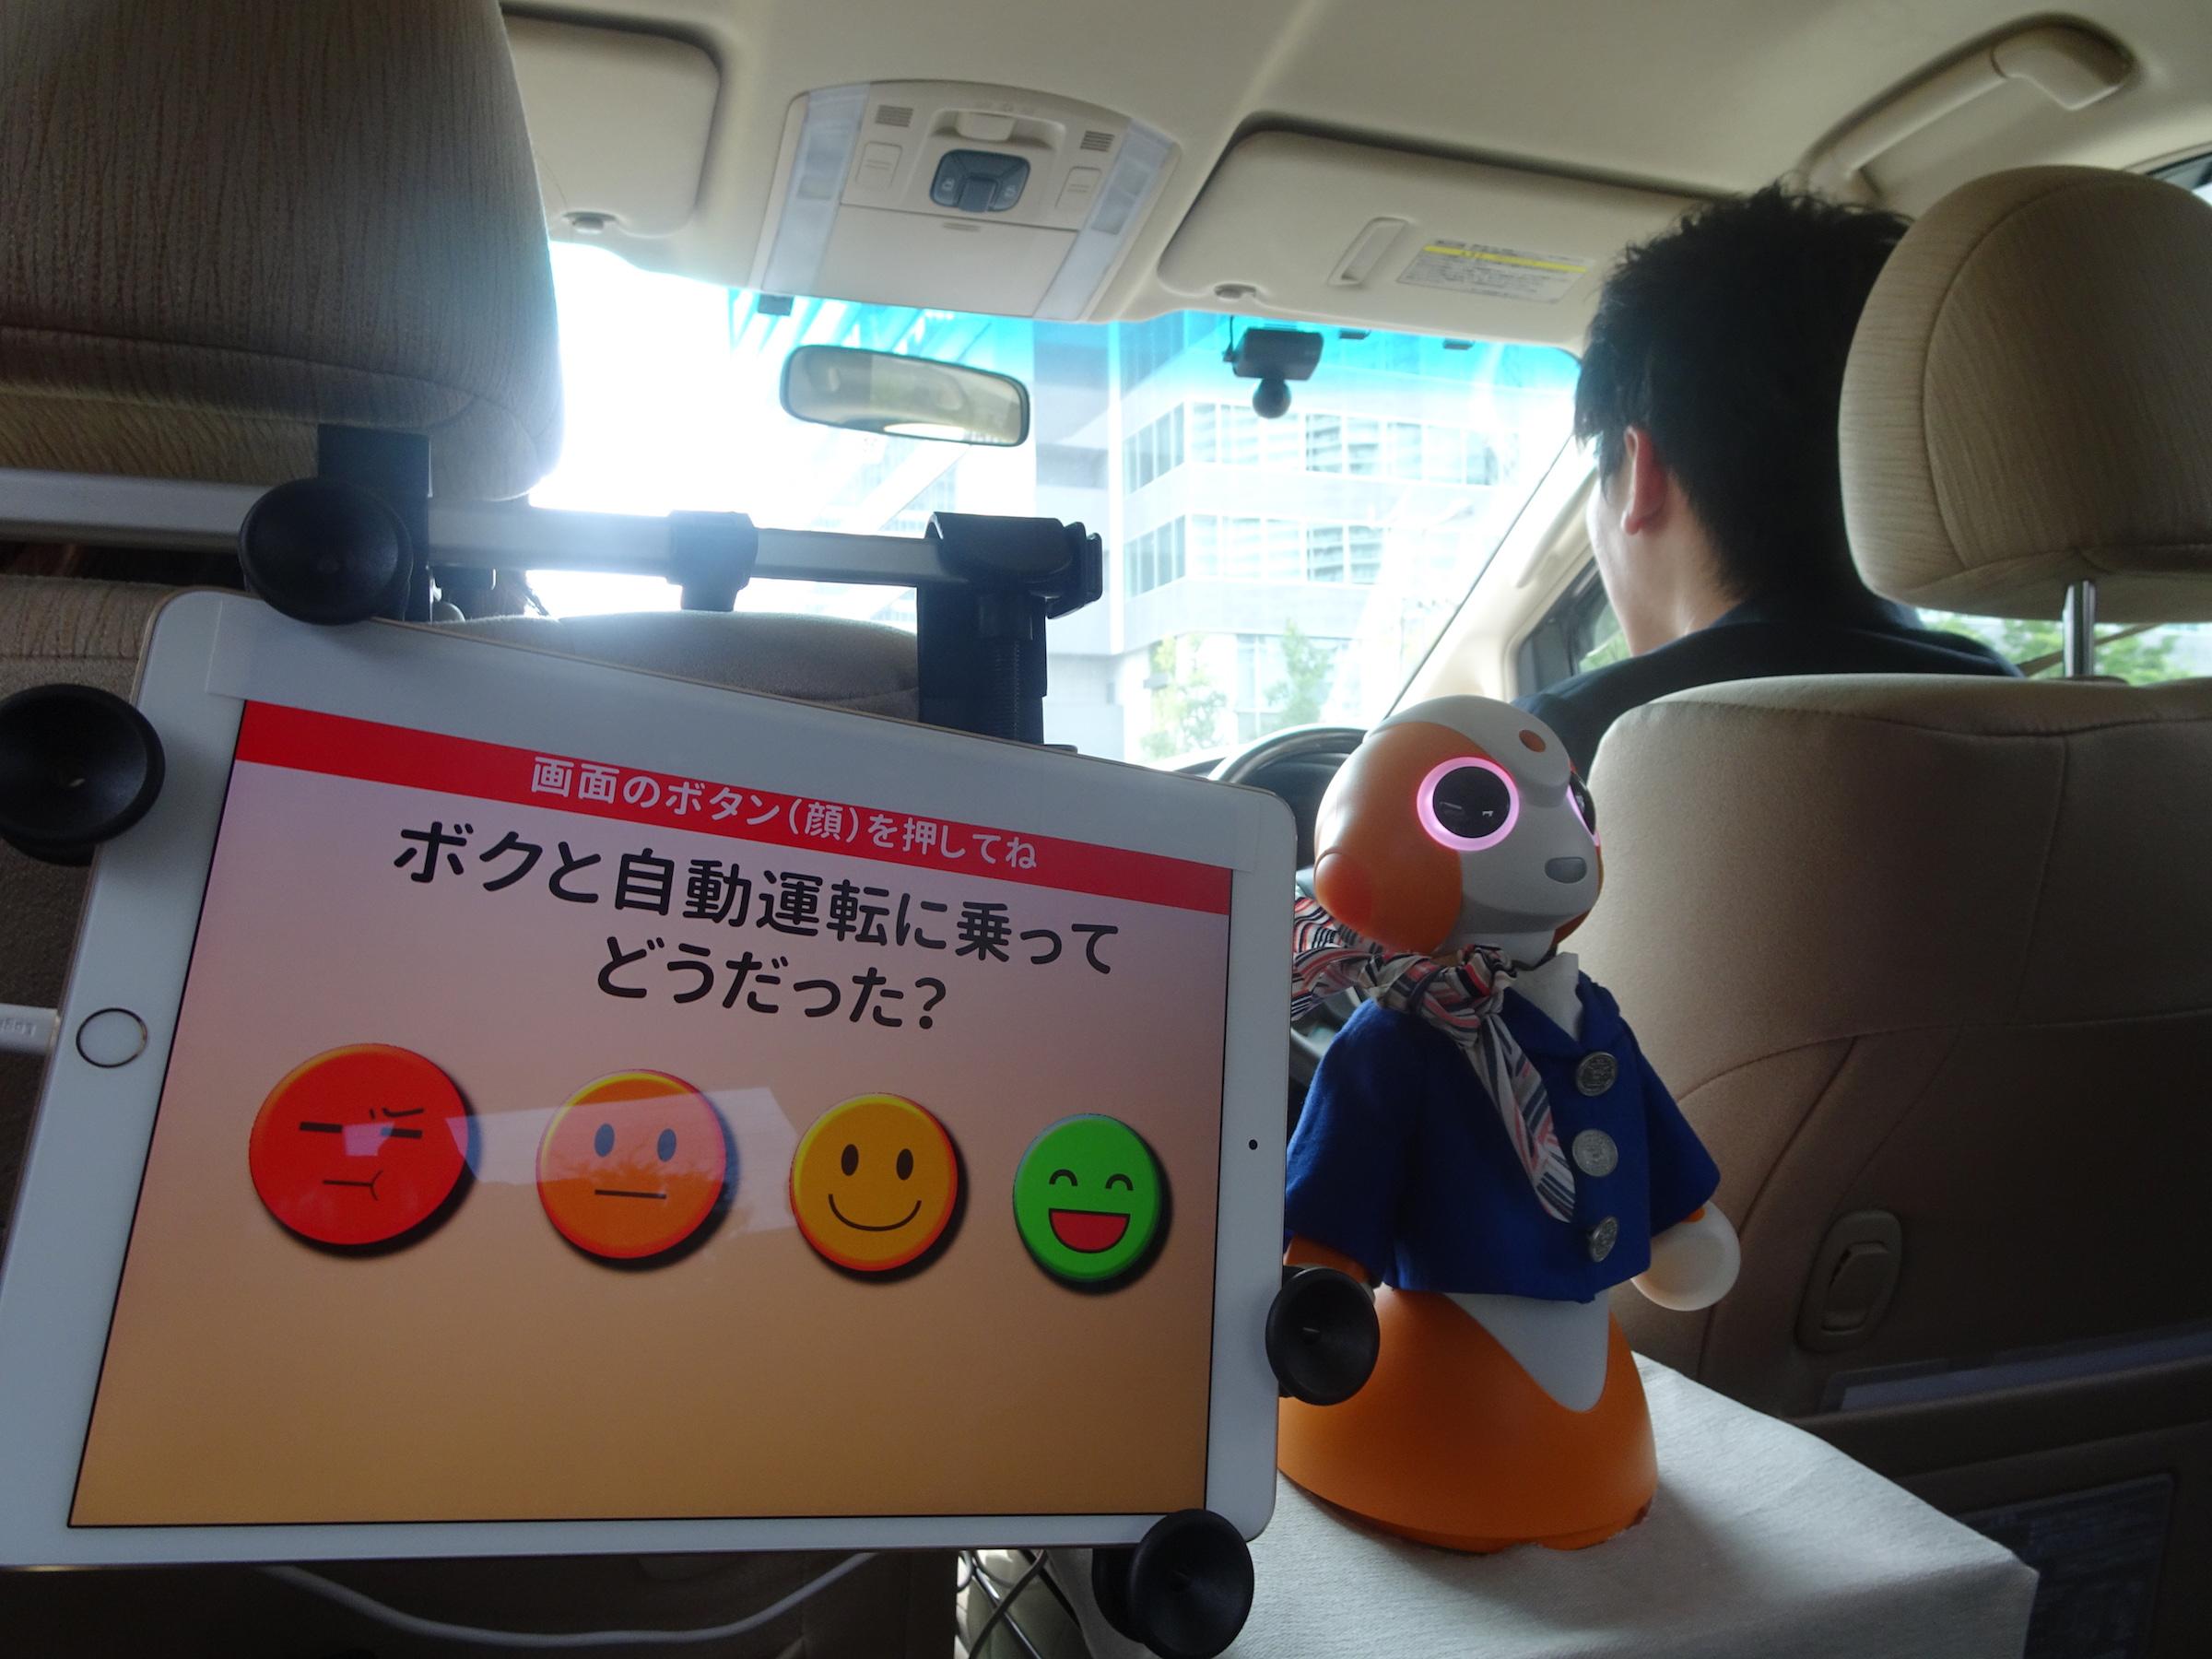 車内に設置されるコミュニケーションロボット「ソータ」